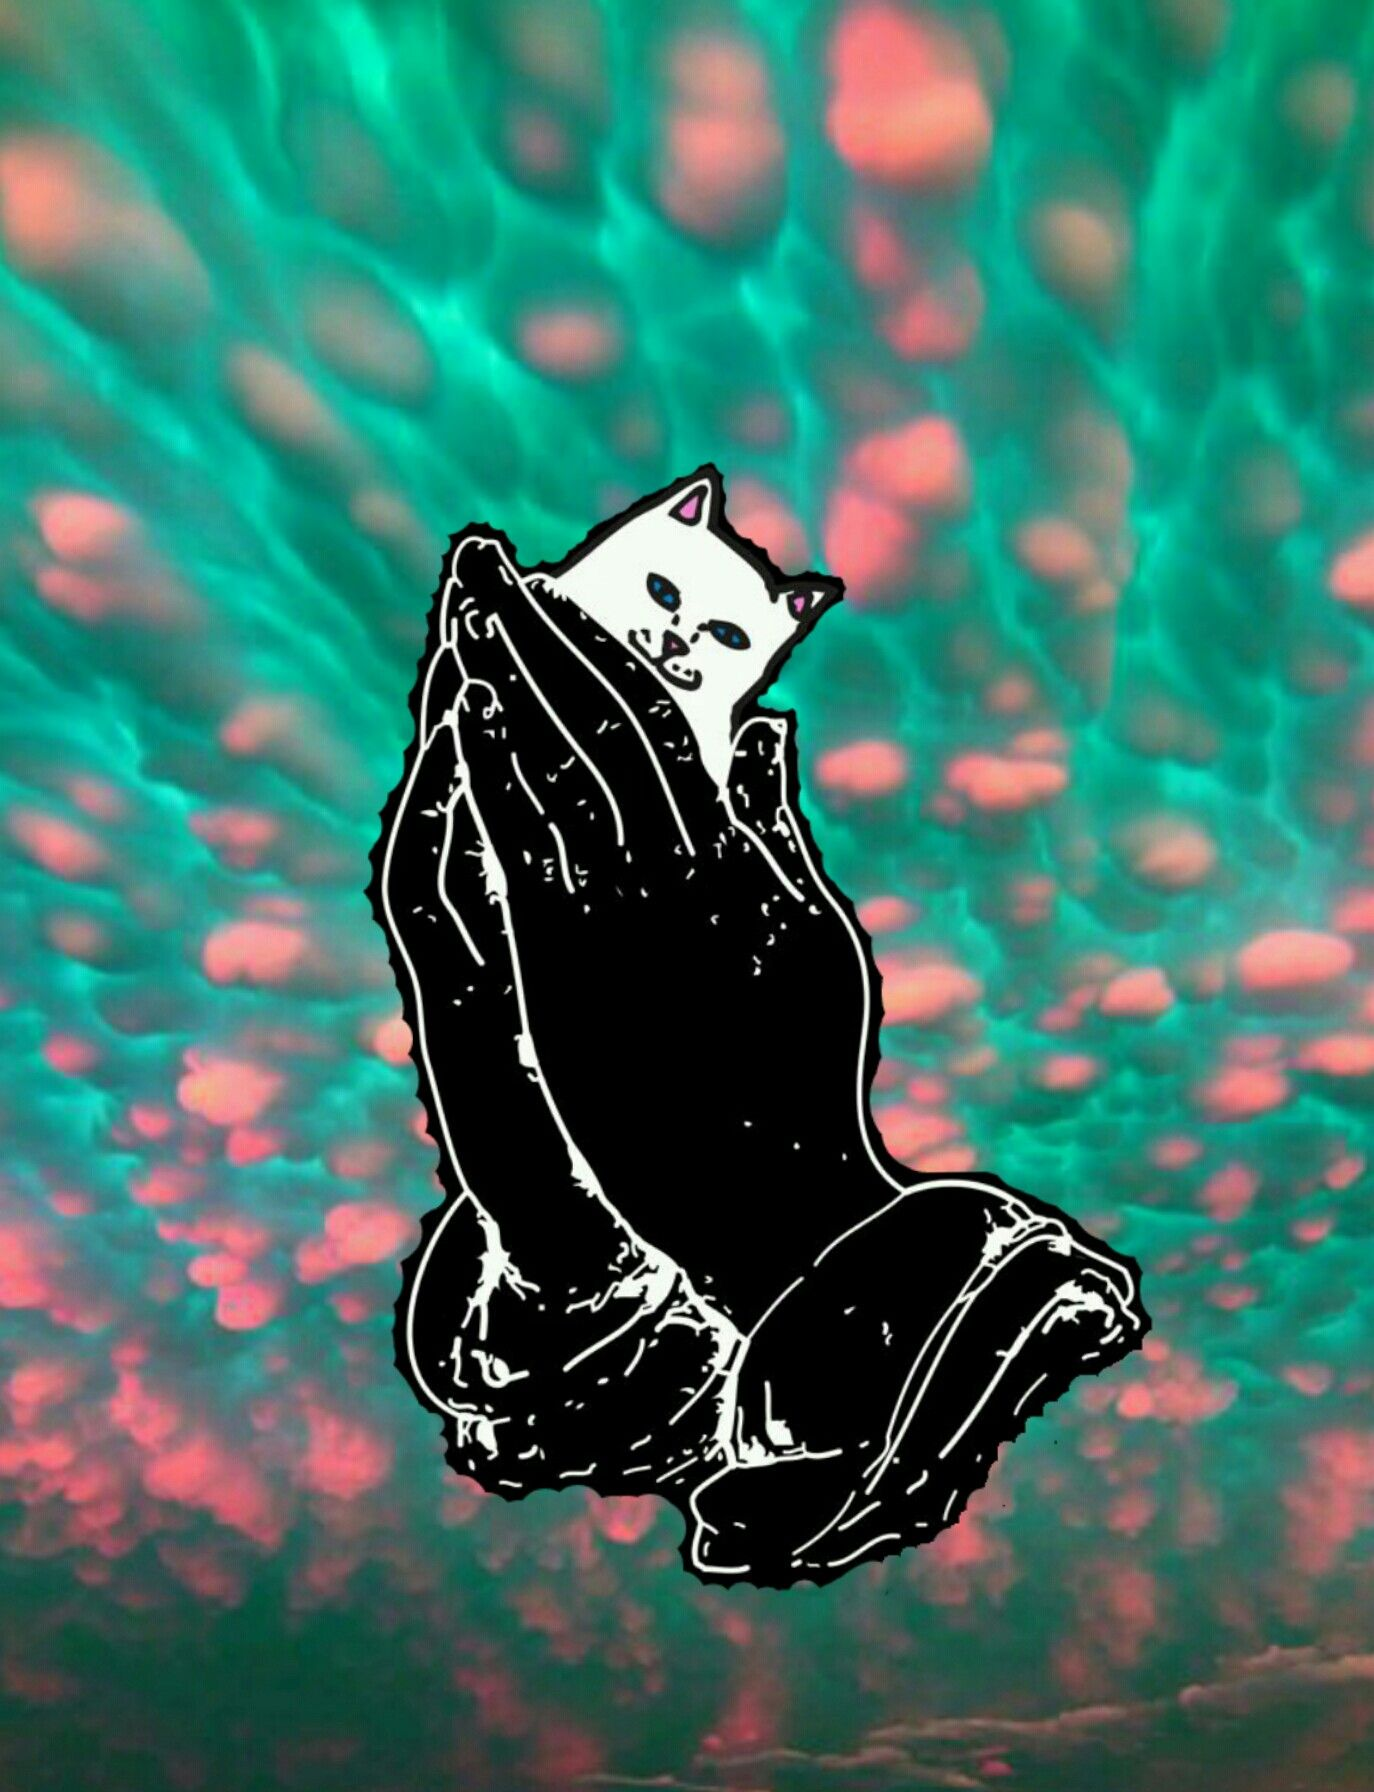 [47+] Wallpaper iPhone Supreme Fingers on WallpaperSafari